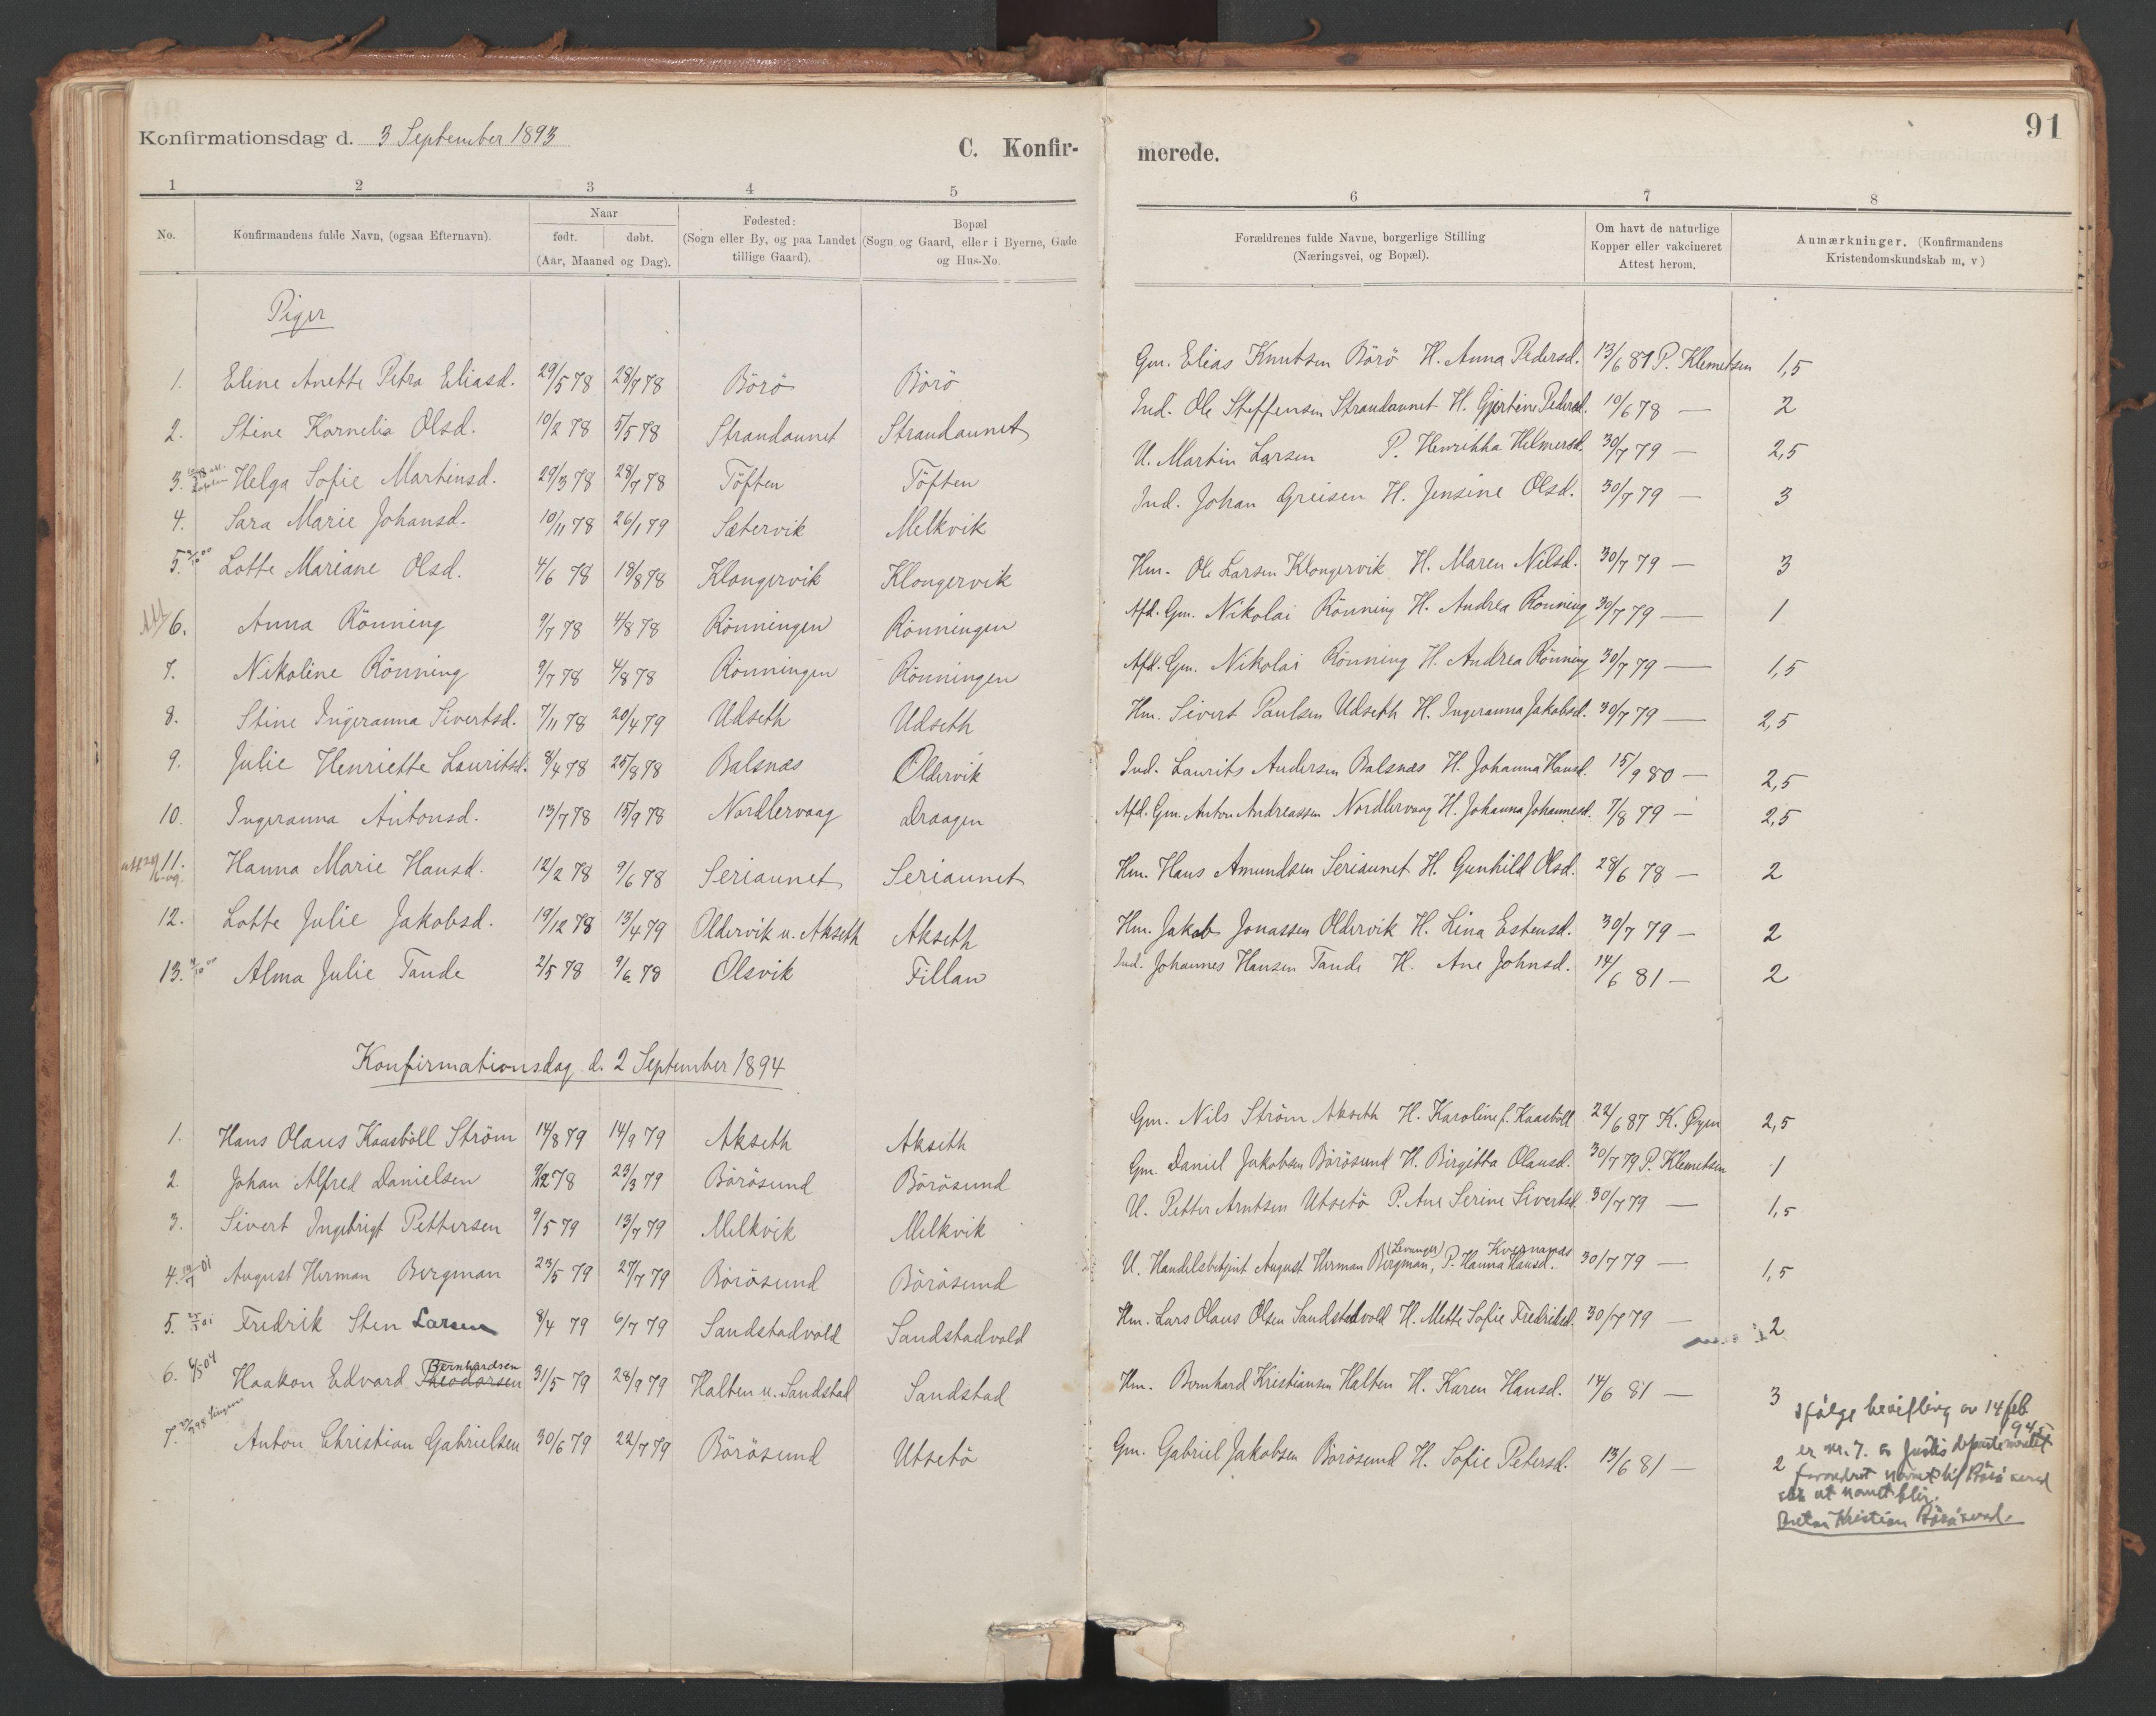 SAT, Ministerialprotokoller, klokkerbøker og fødselsregistre - Sør-Trøndelag, 639/L0572: Ministerialbok nr. 639A01, 1890-1920, s. 91